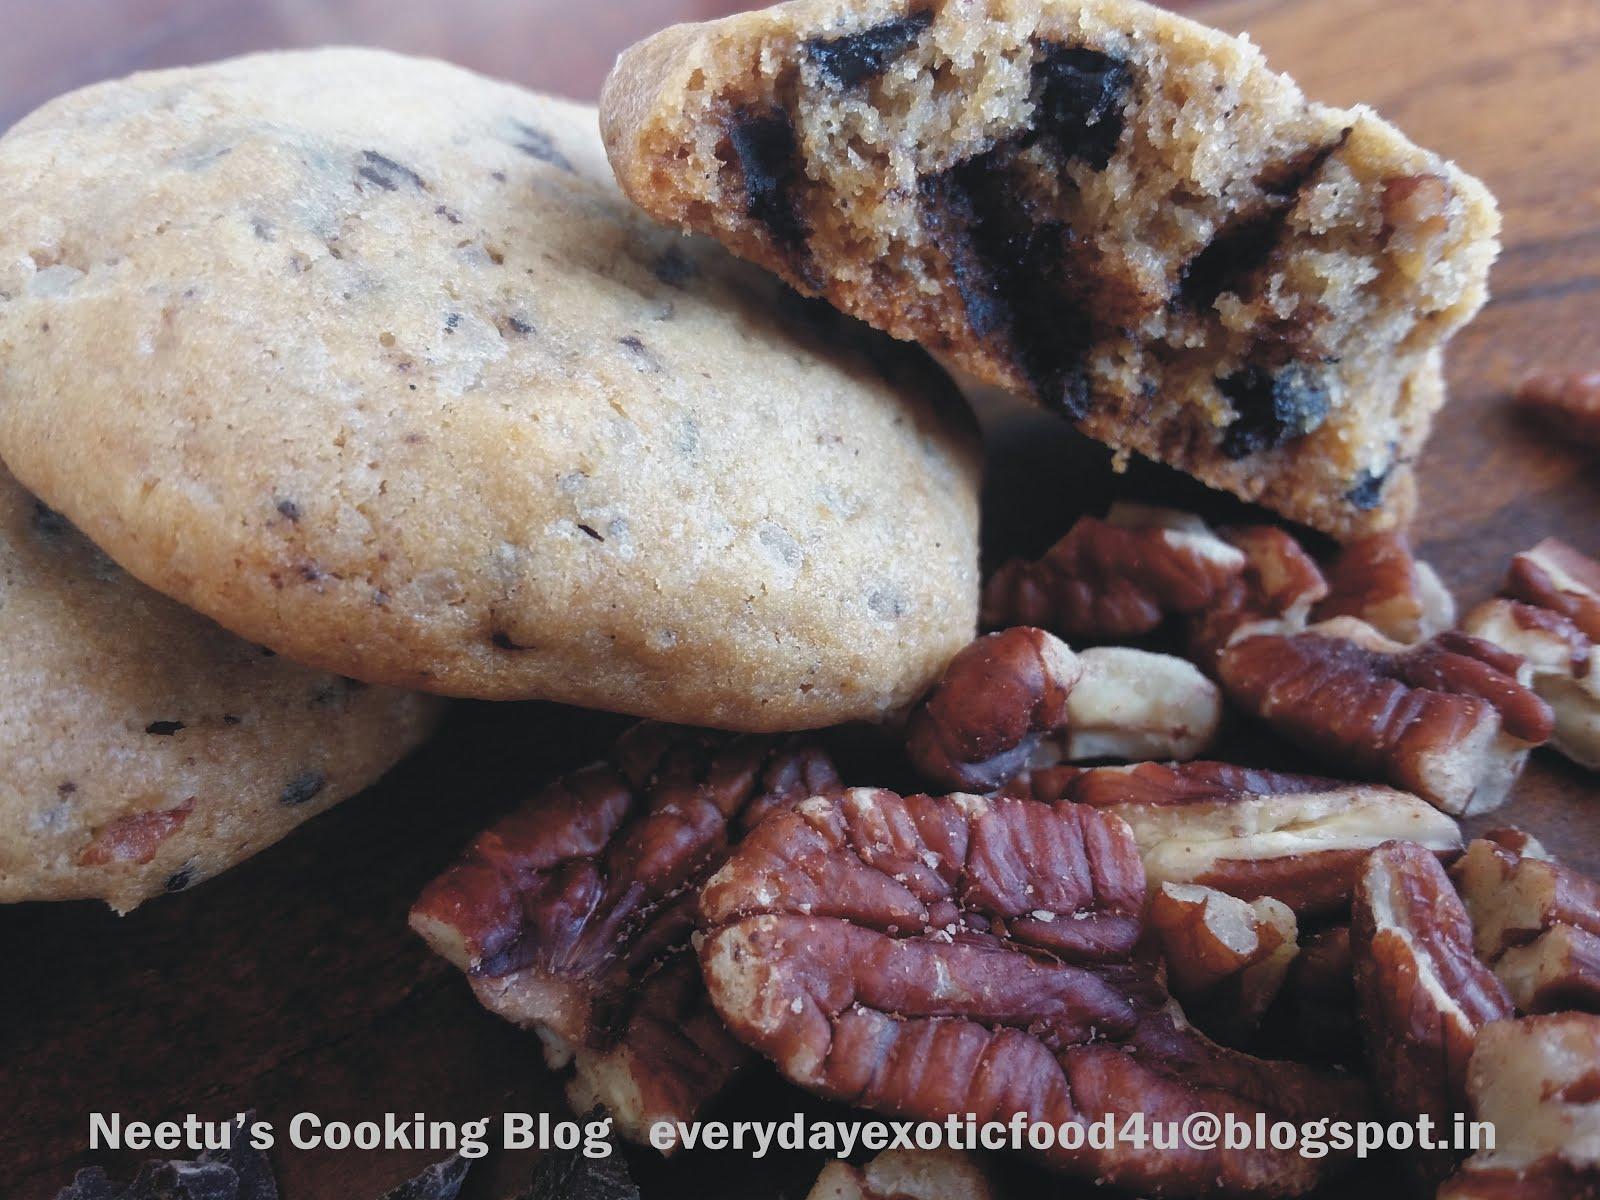 Pecan Chocochip Cookies